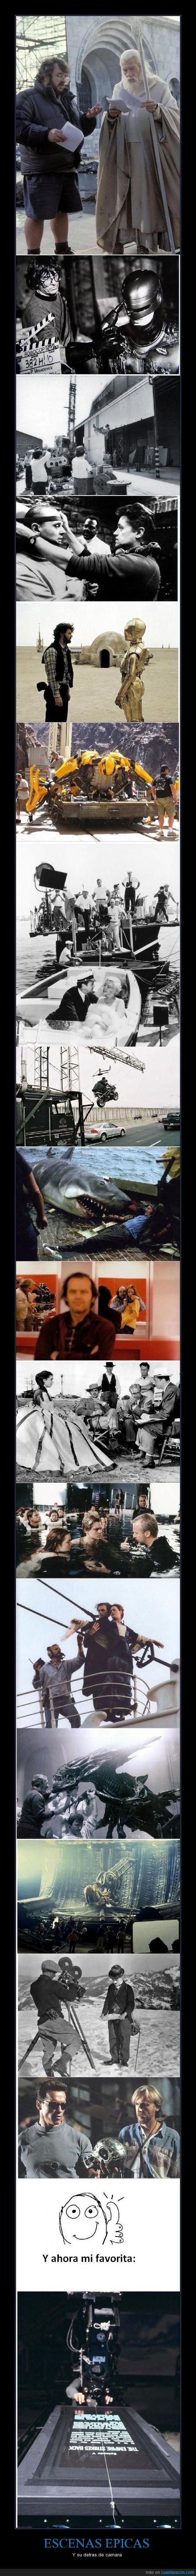 cámara,cine,epico,grabaciones,películas,star wars,tiburon